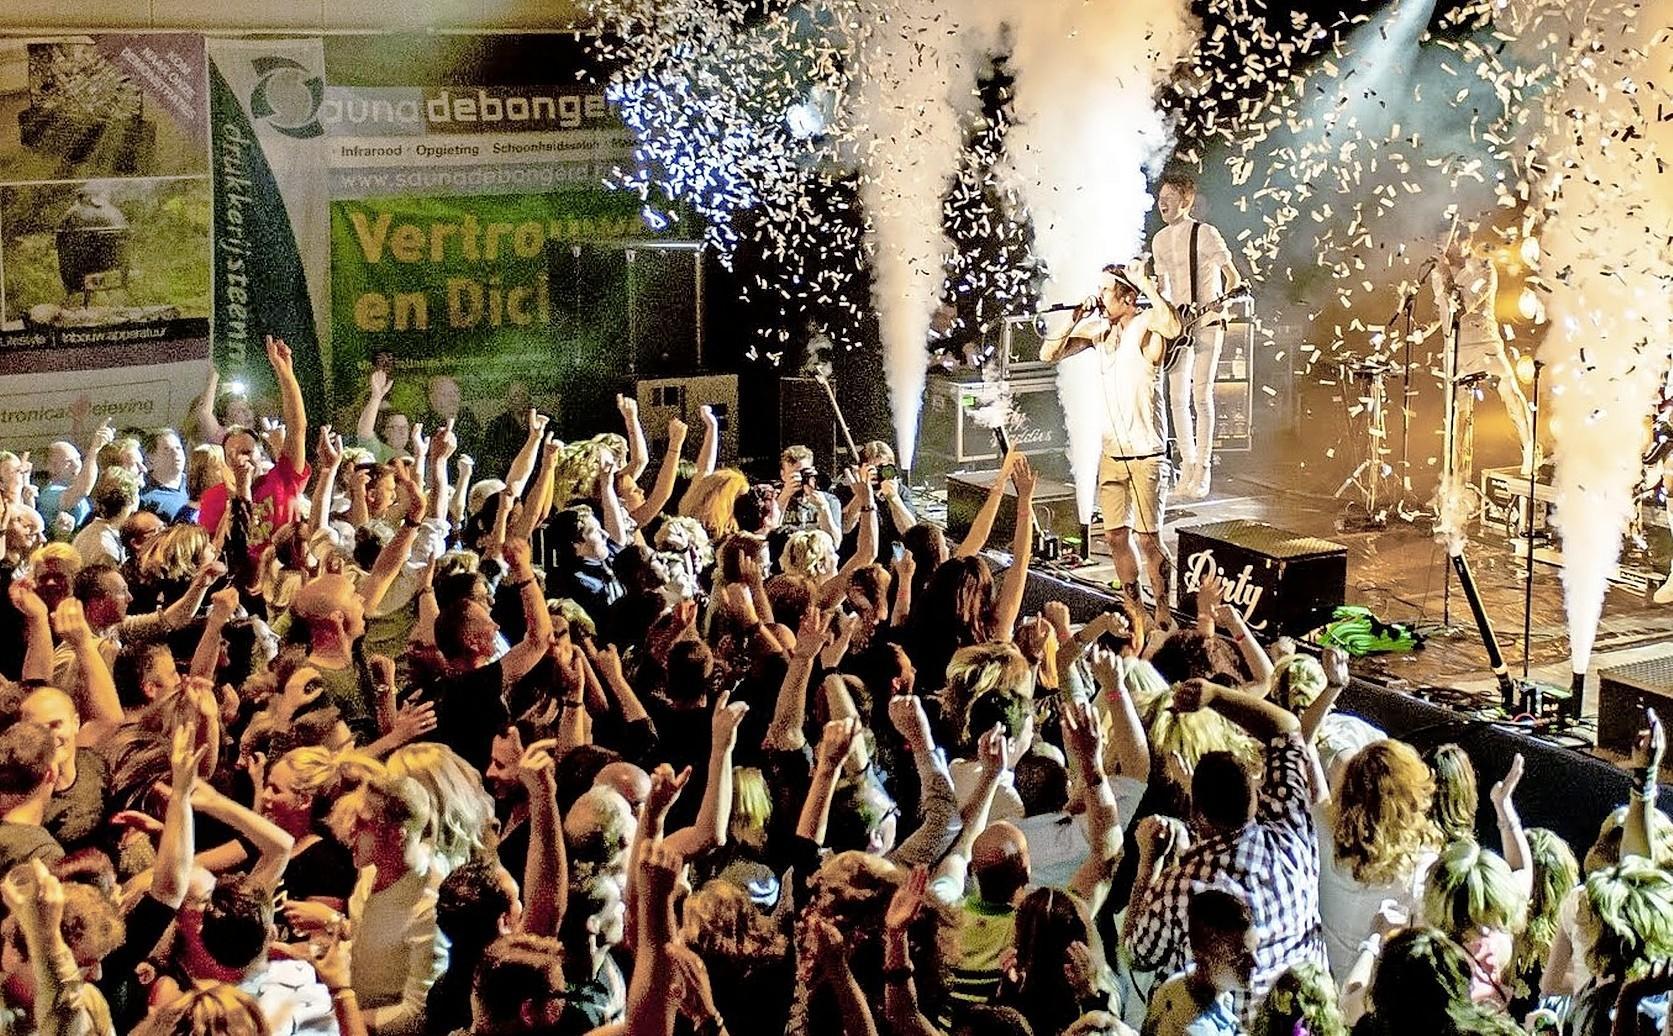 Snertpop Midwoud wordt buitenfestival